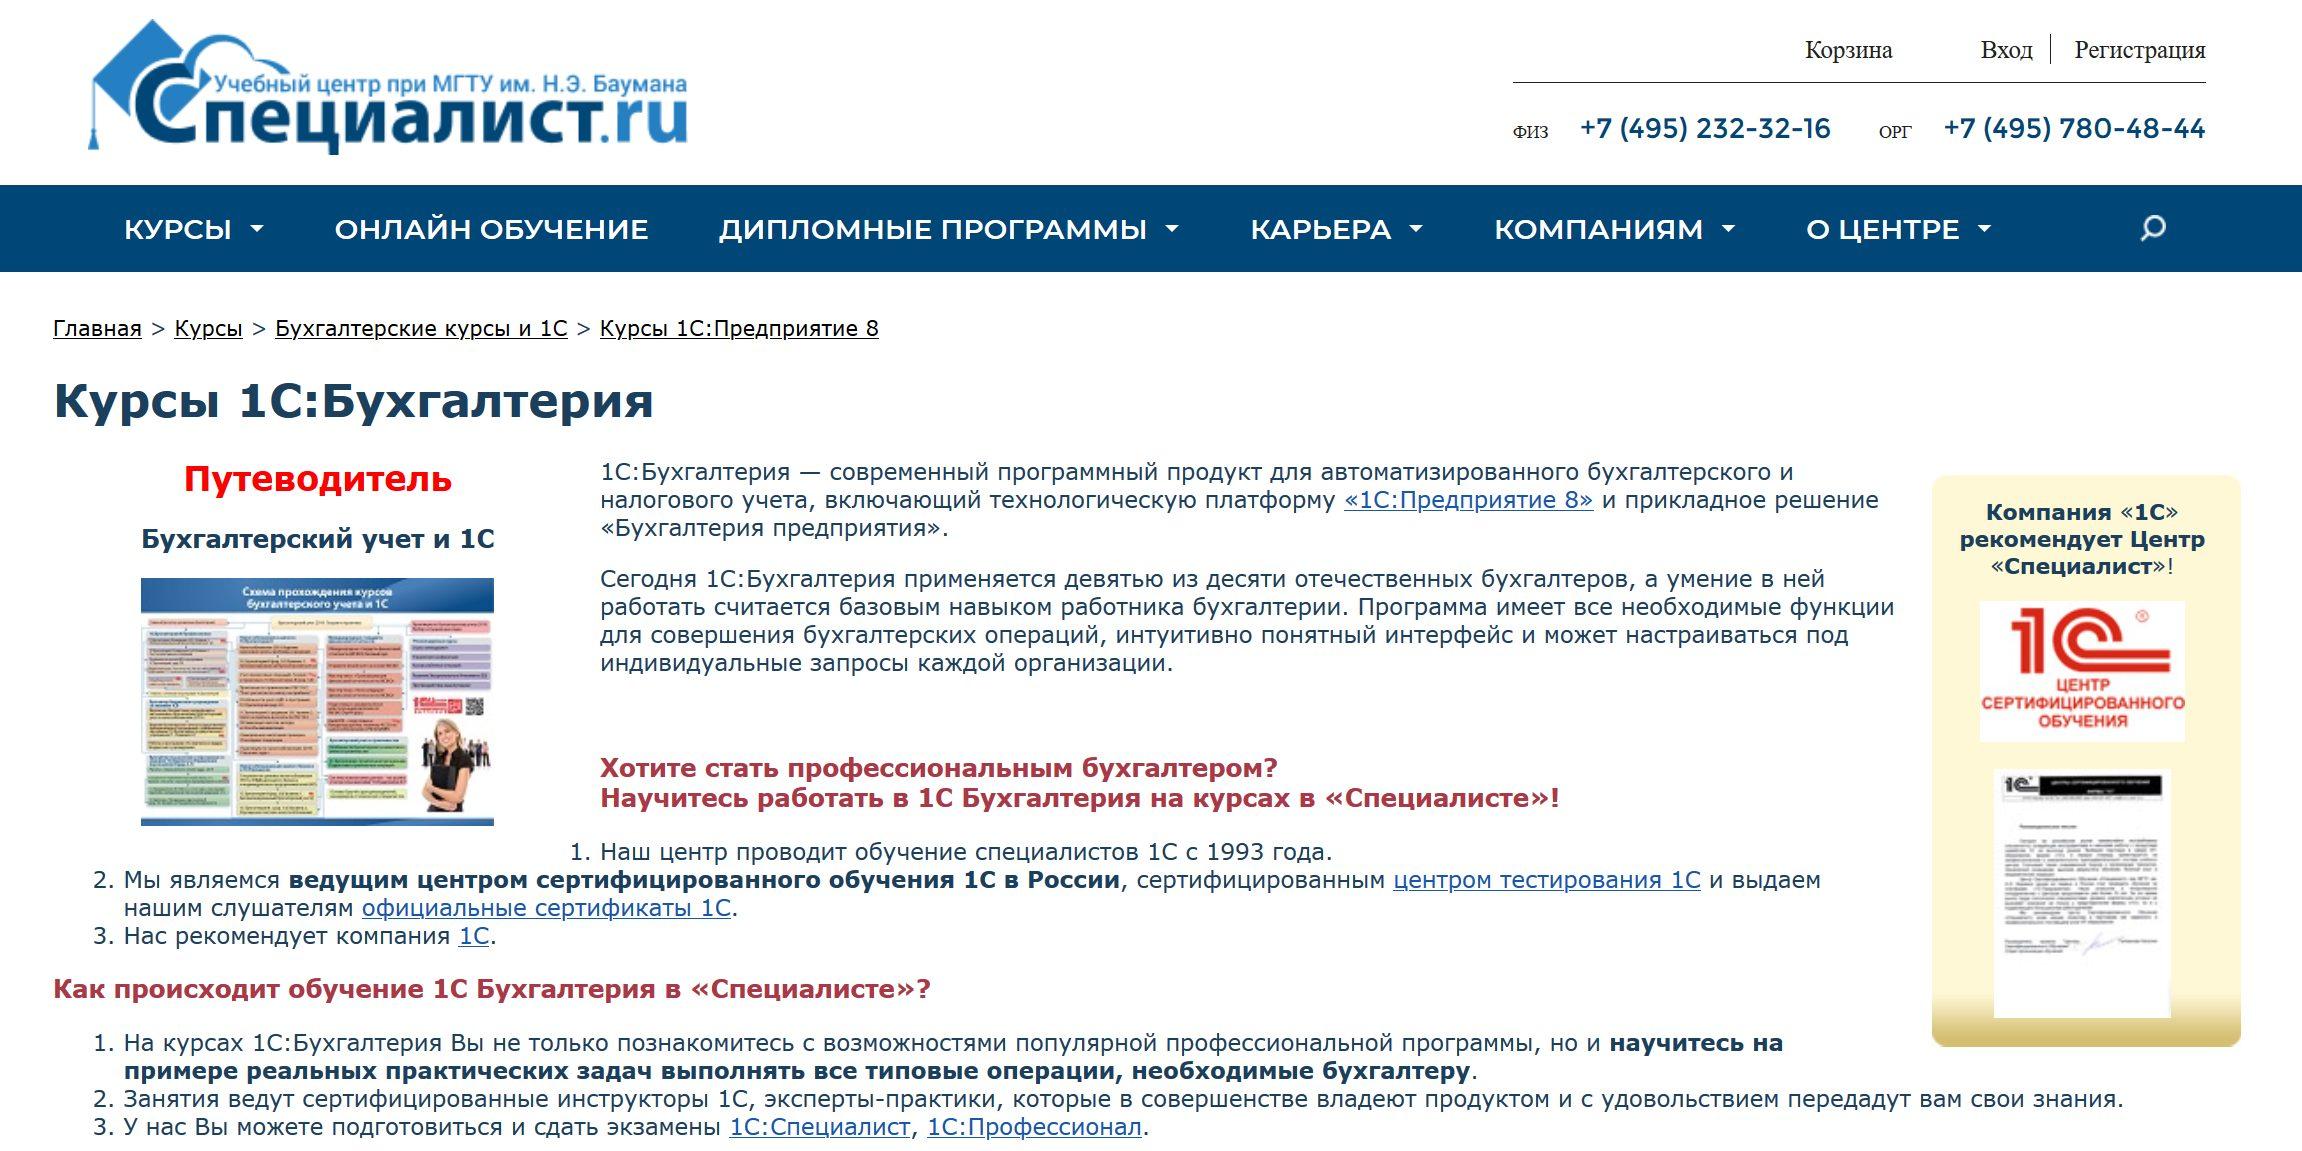 1С: бухгалтерия 8. Автоматизированный бухгалтерский учет от specialist.ru